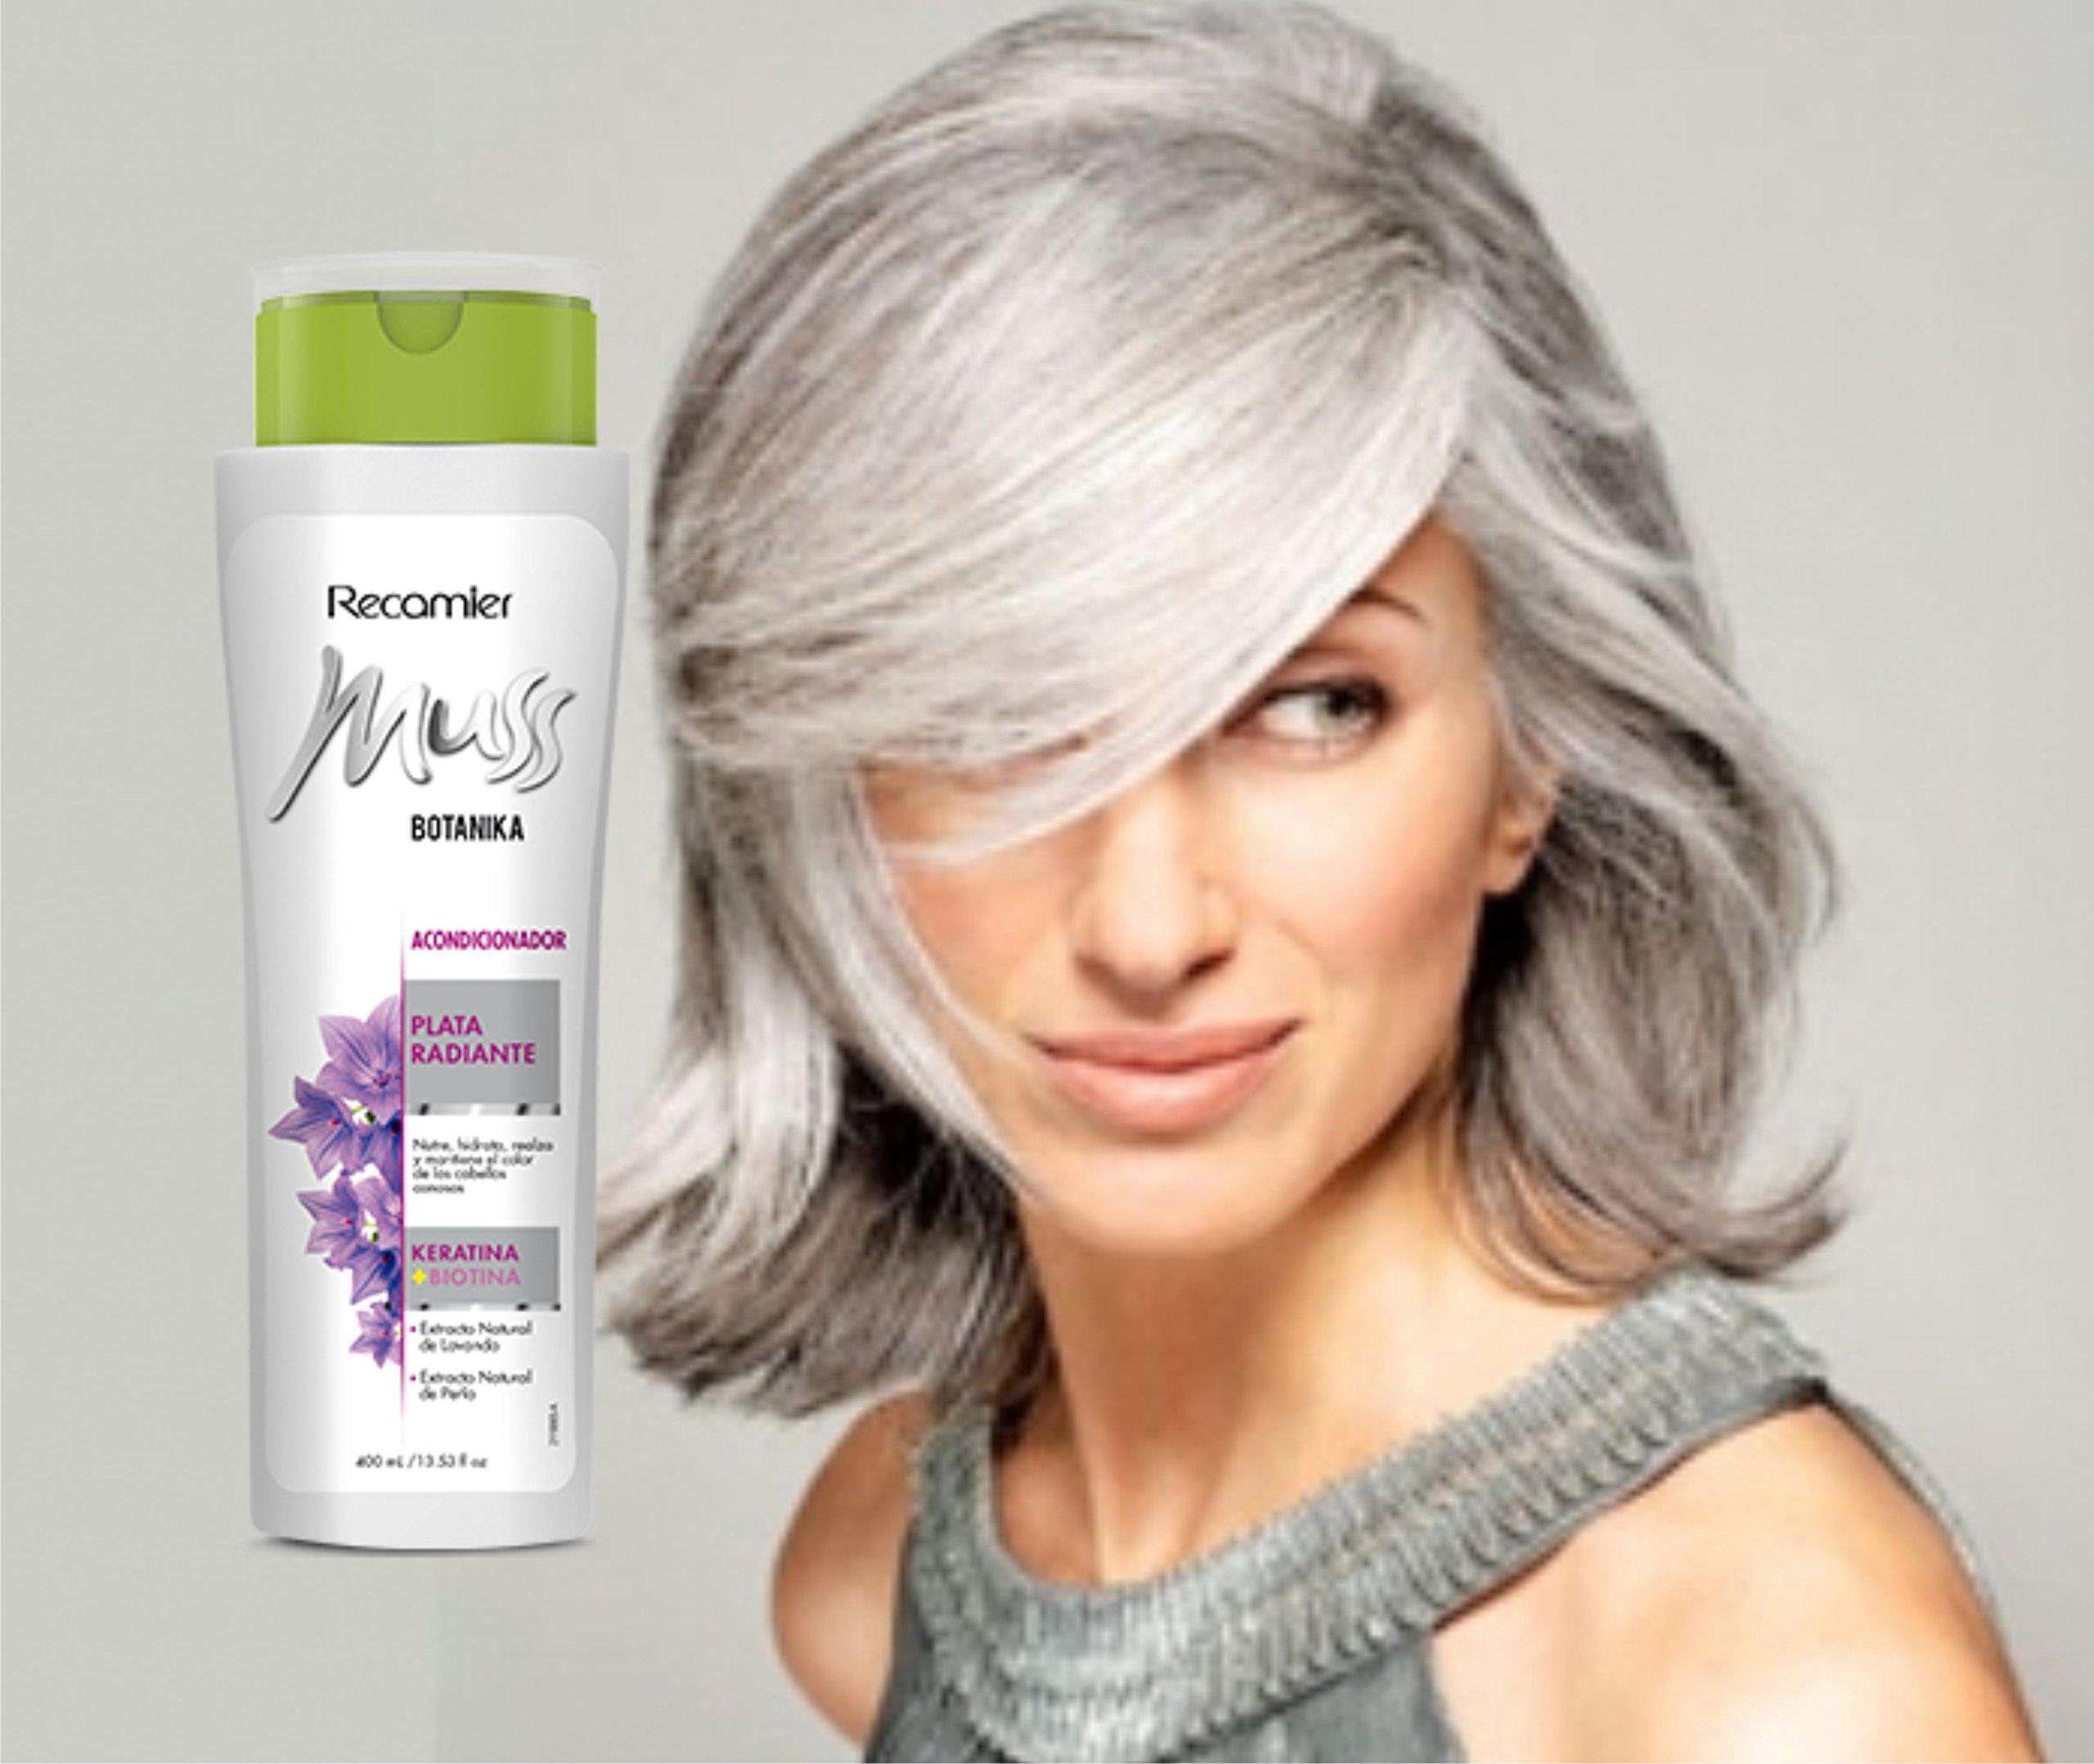 Amazon.com : MUSS BOTANIKA PLATA RADIANTE ACONDICIONADOR, Acentua el color gris de las canas / silver color care shampoo unisex daily use.